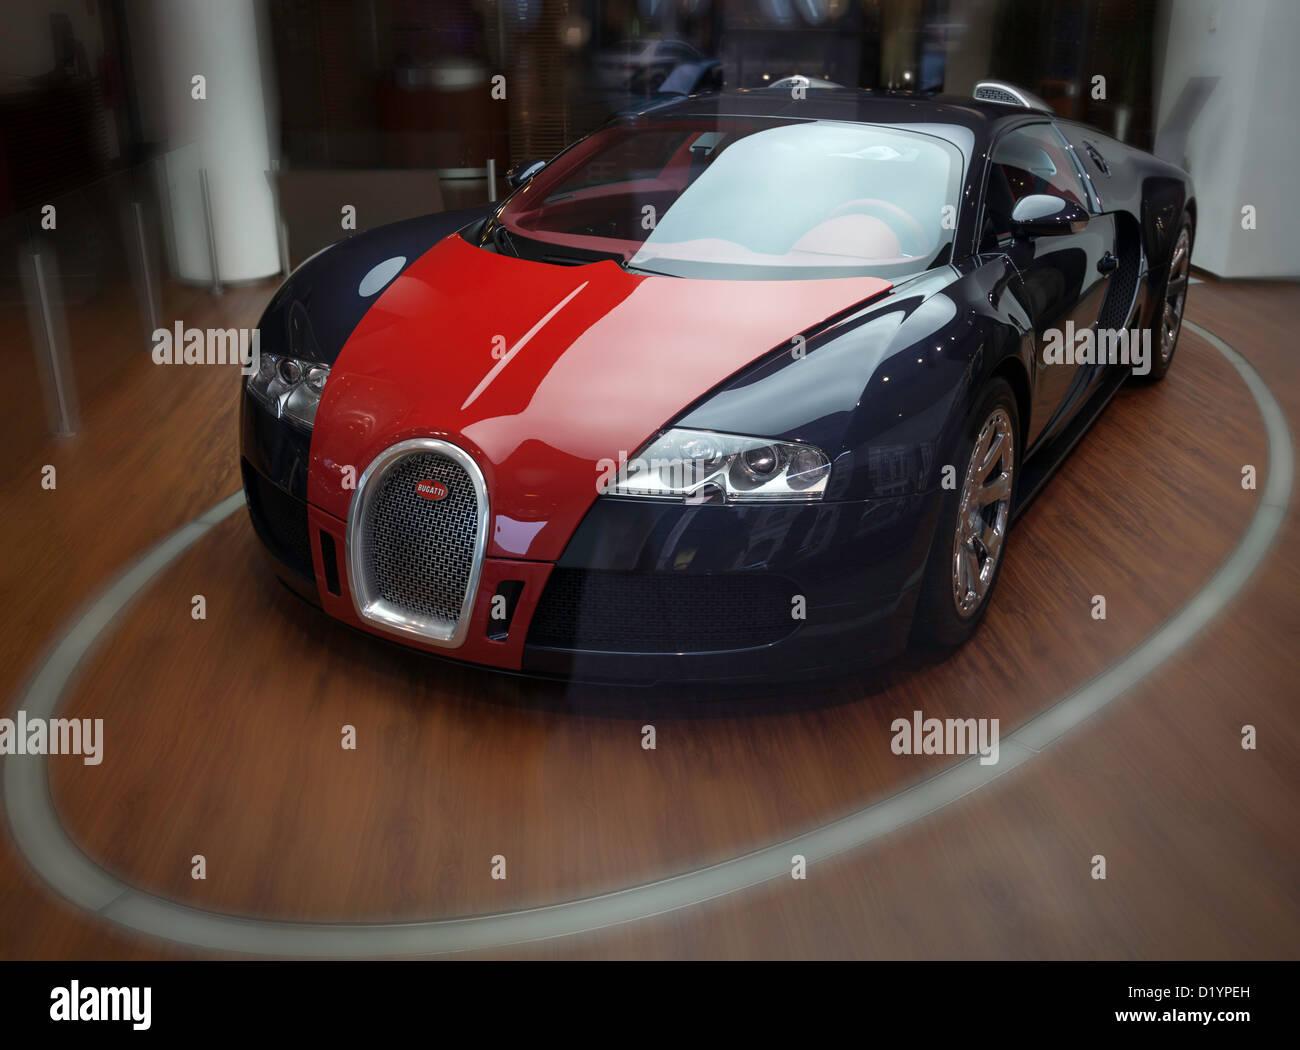 Amazing Bugatti Veyron   Stock Image